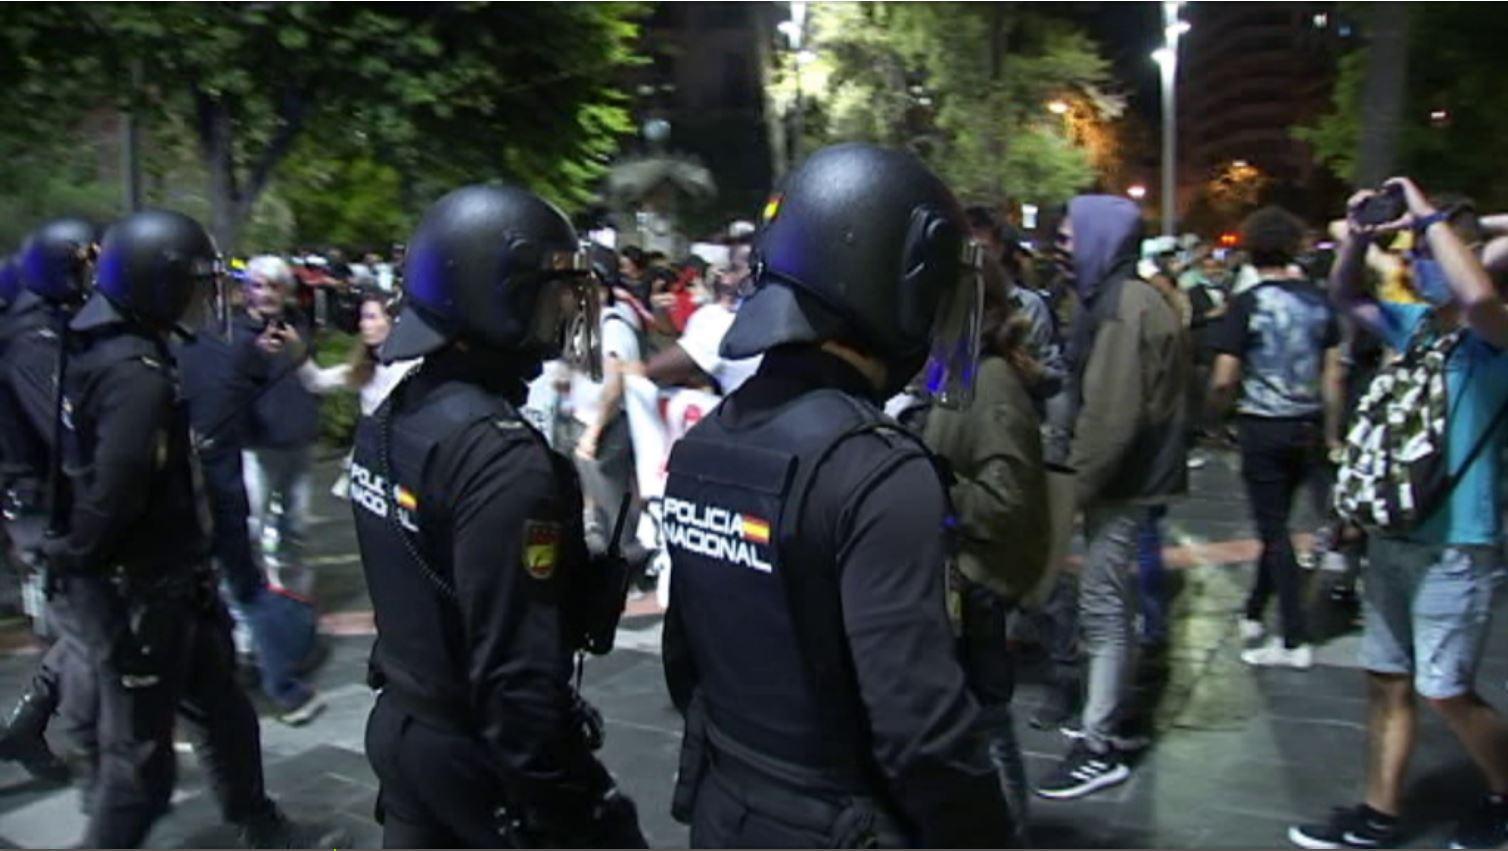 Llibertat+amb+c%C3%A0rrecs+pels+15+detinguts+en+els+aldarulls+de+dissabte+a+Palma